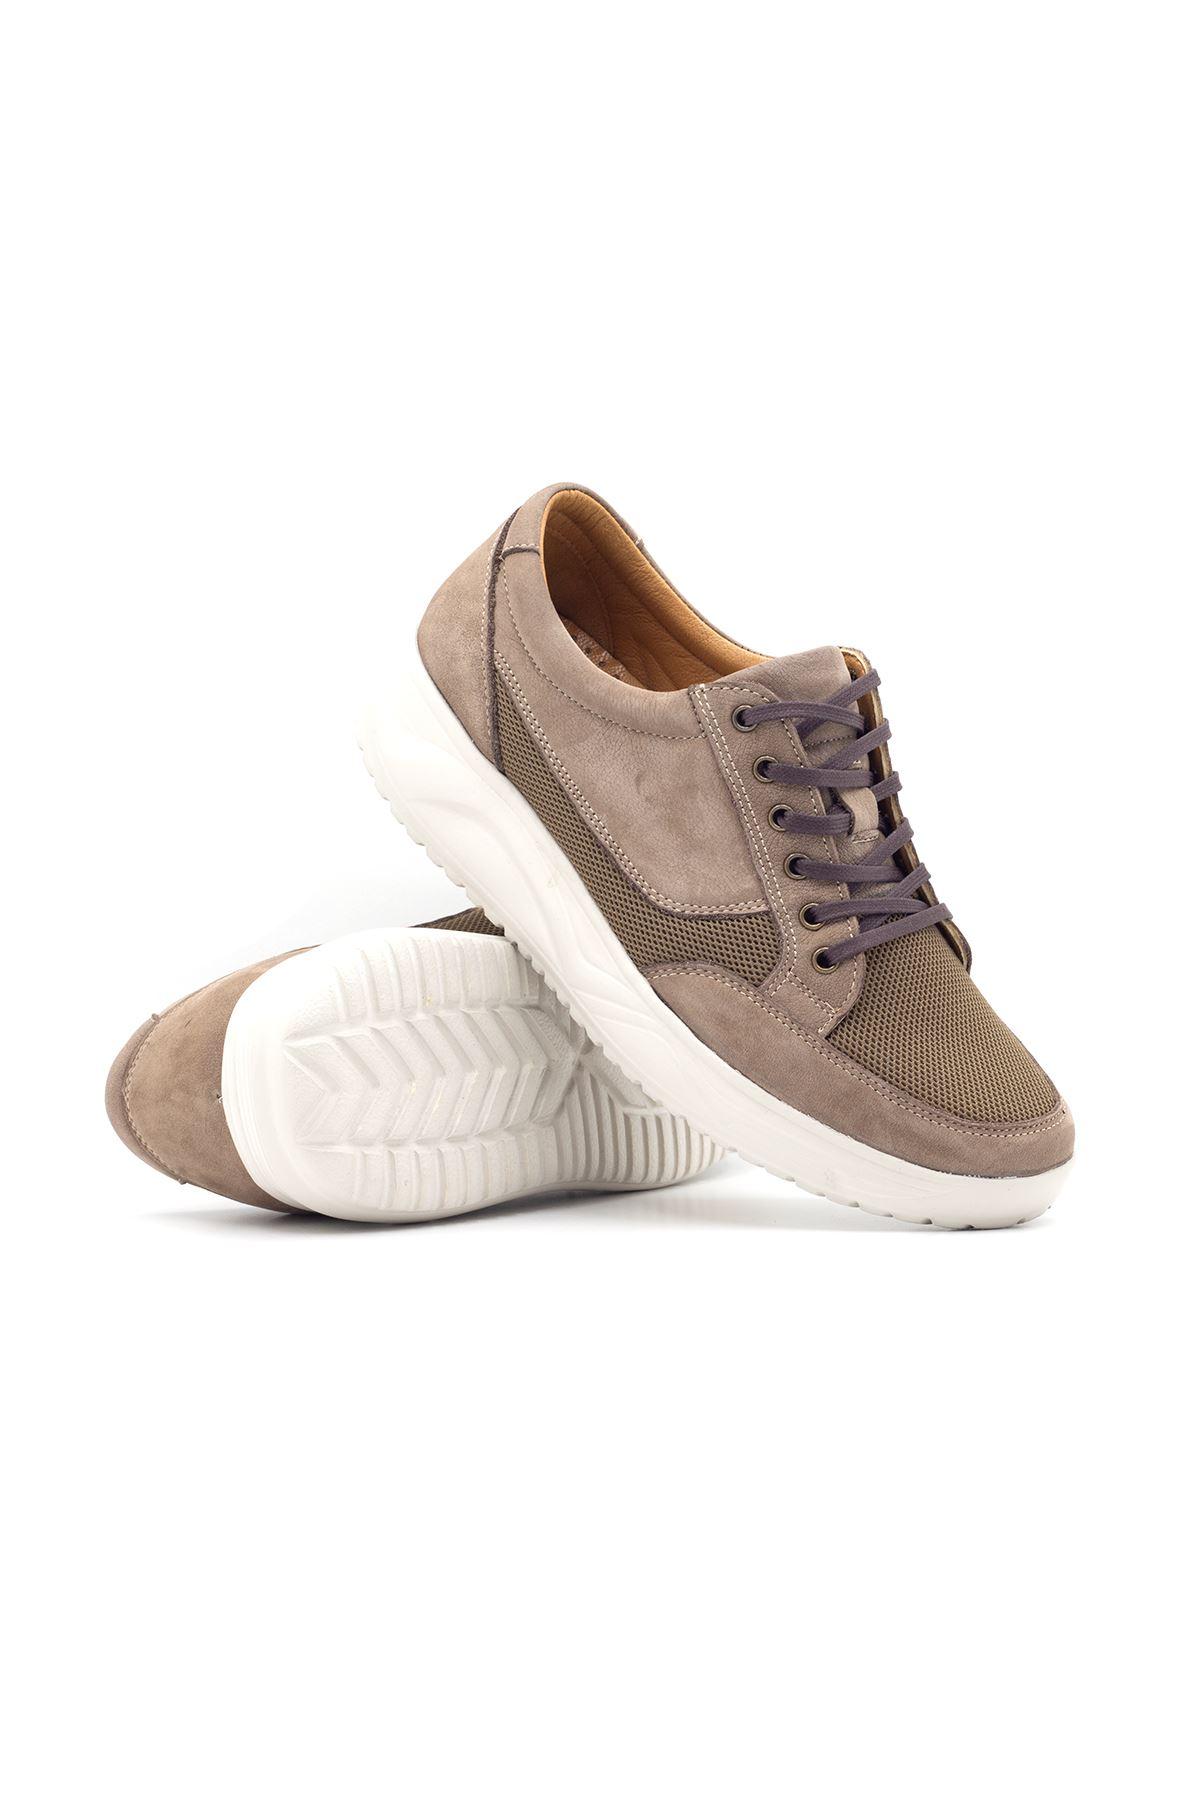 1656 Nubuk Kum Erkek Büyük Numara Yürüyüş Ayakkabısı (45-46)